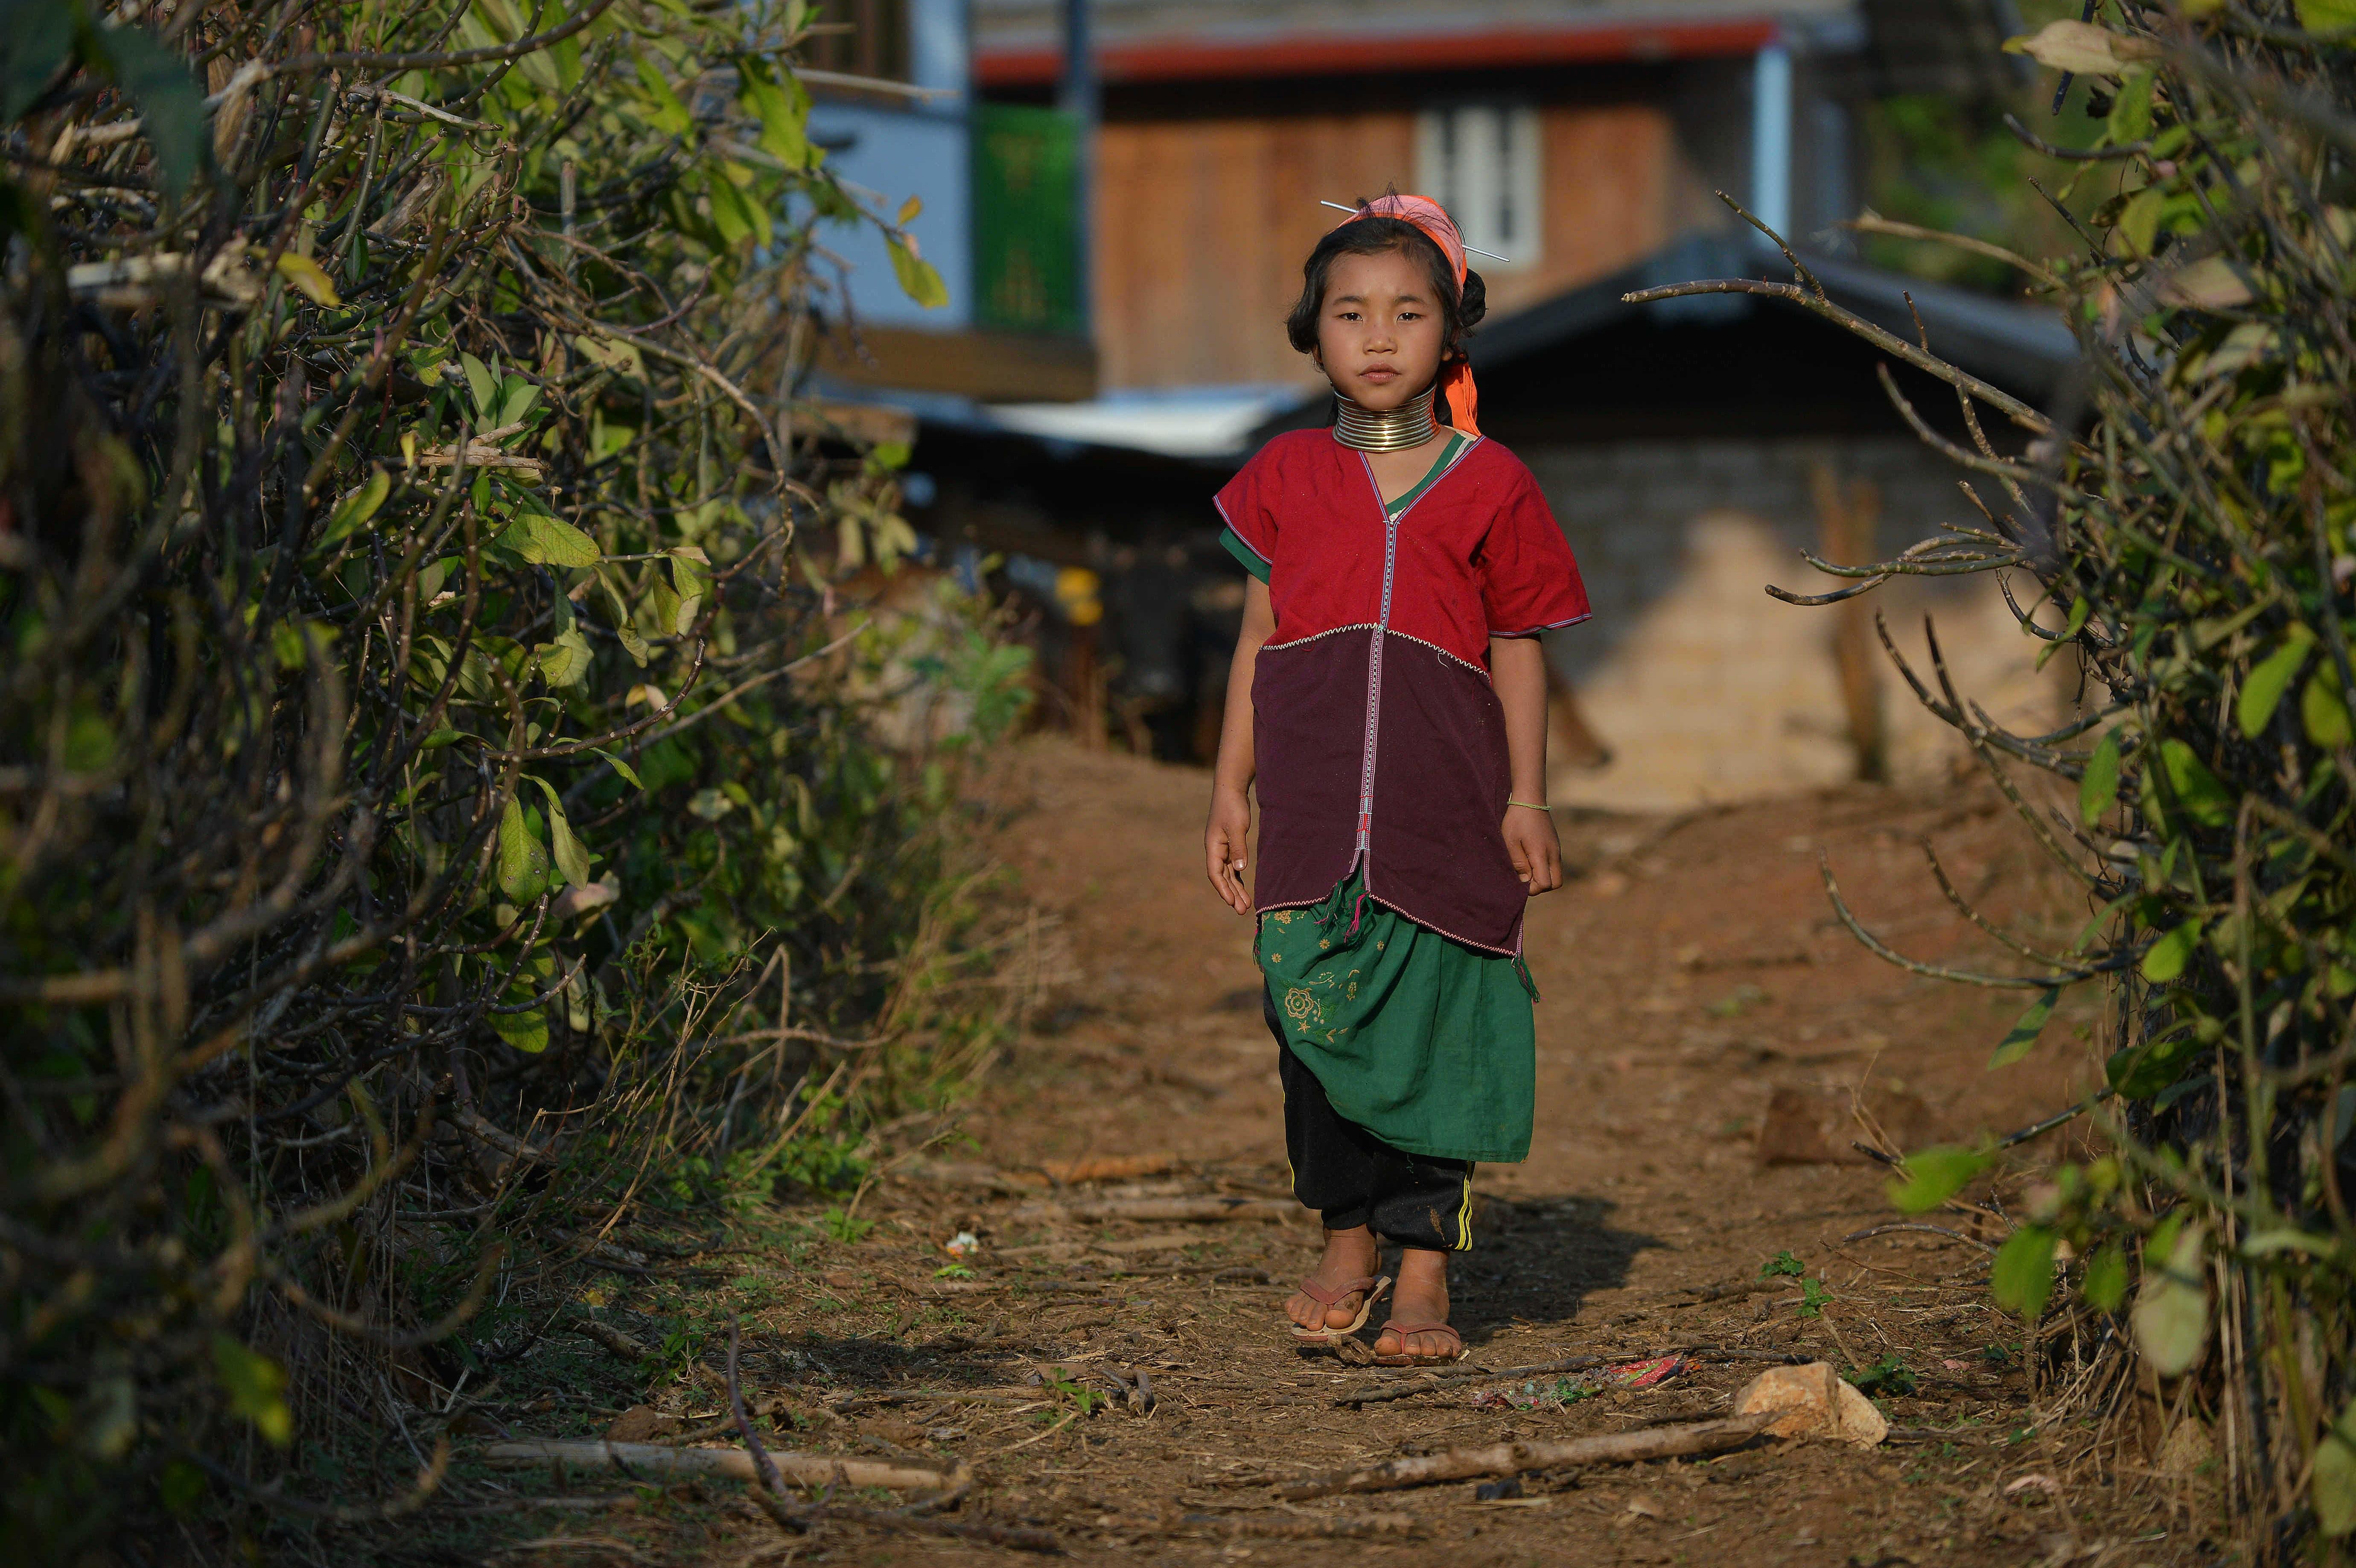 MYANMAR-THAILAND-TOURISM-LEISURE-CULTURE